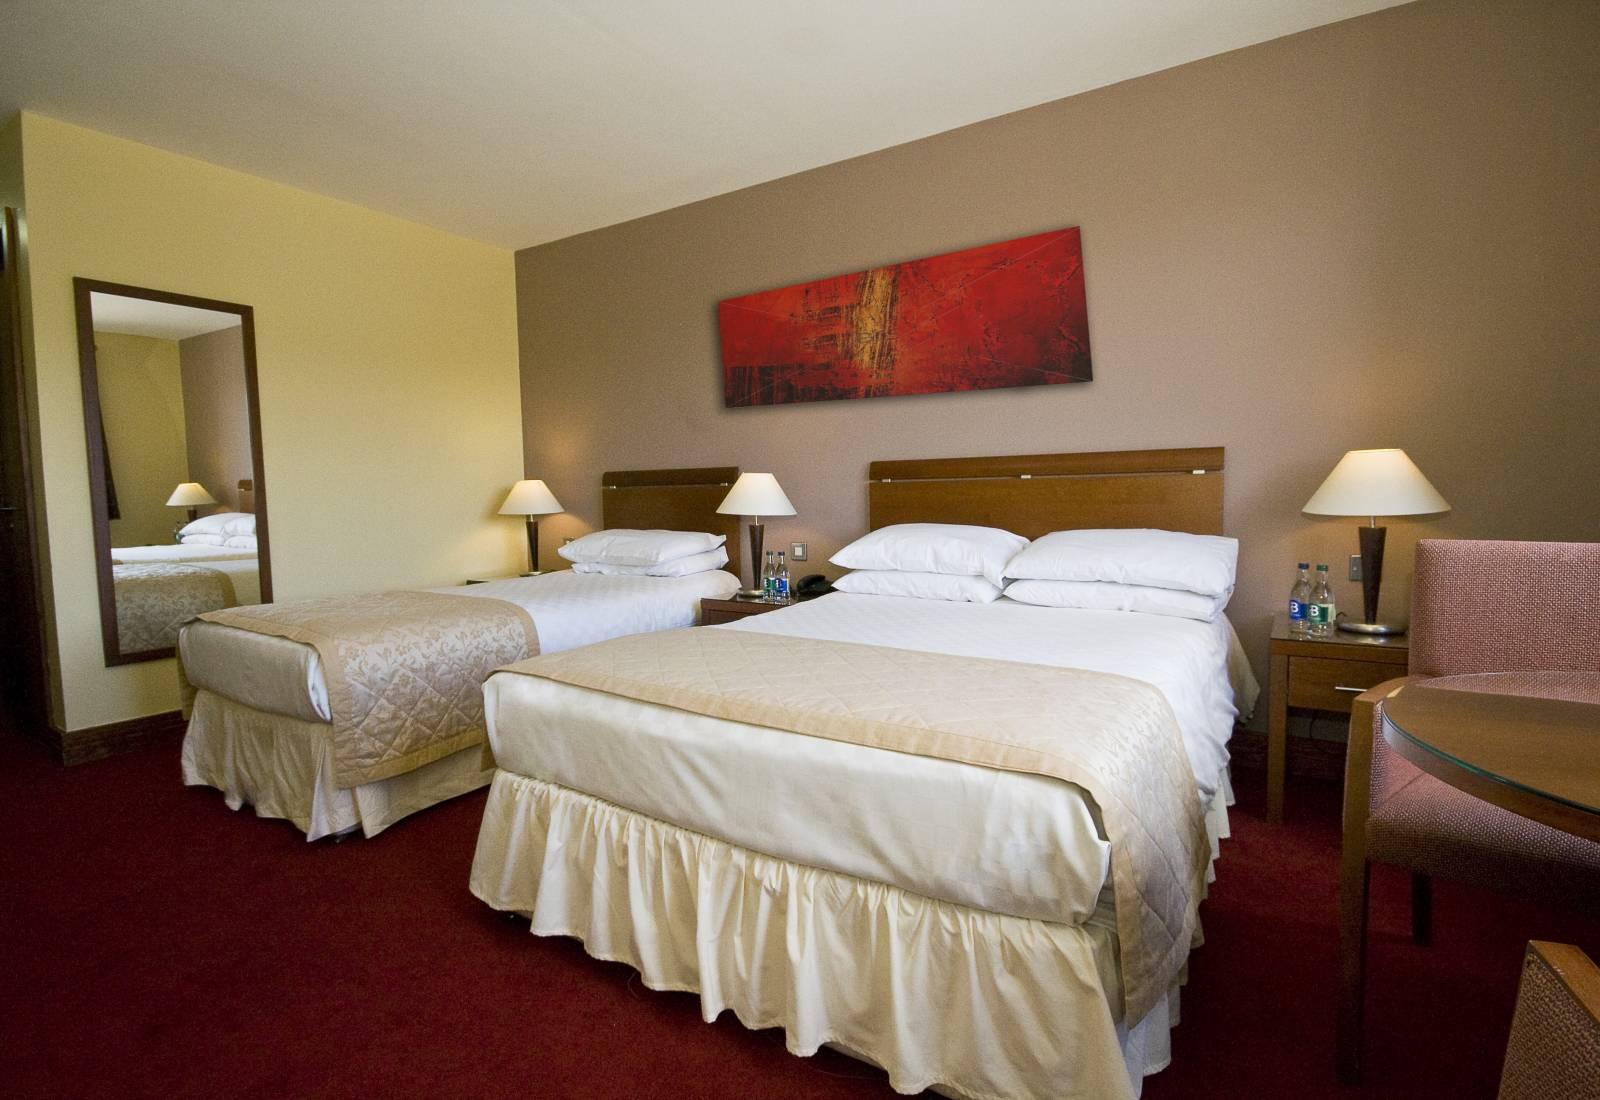 standard_bedroom-1600x1100